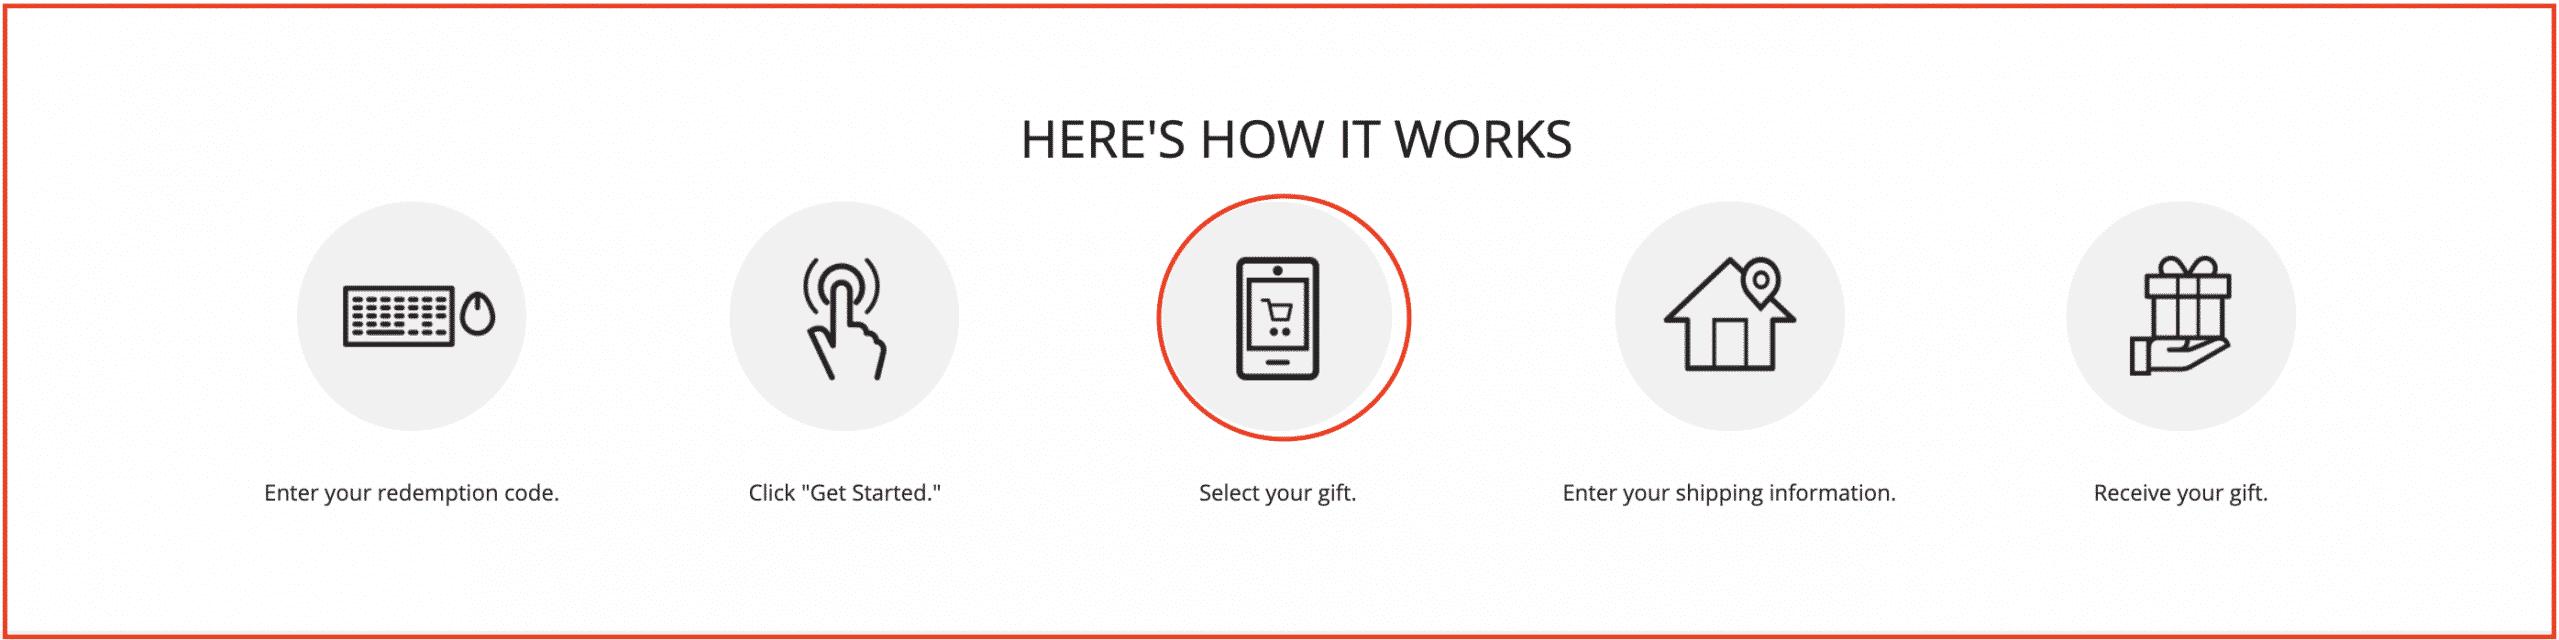 Select Roku as gift